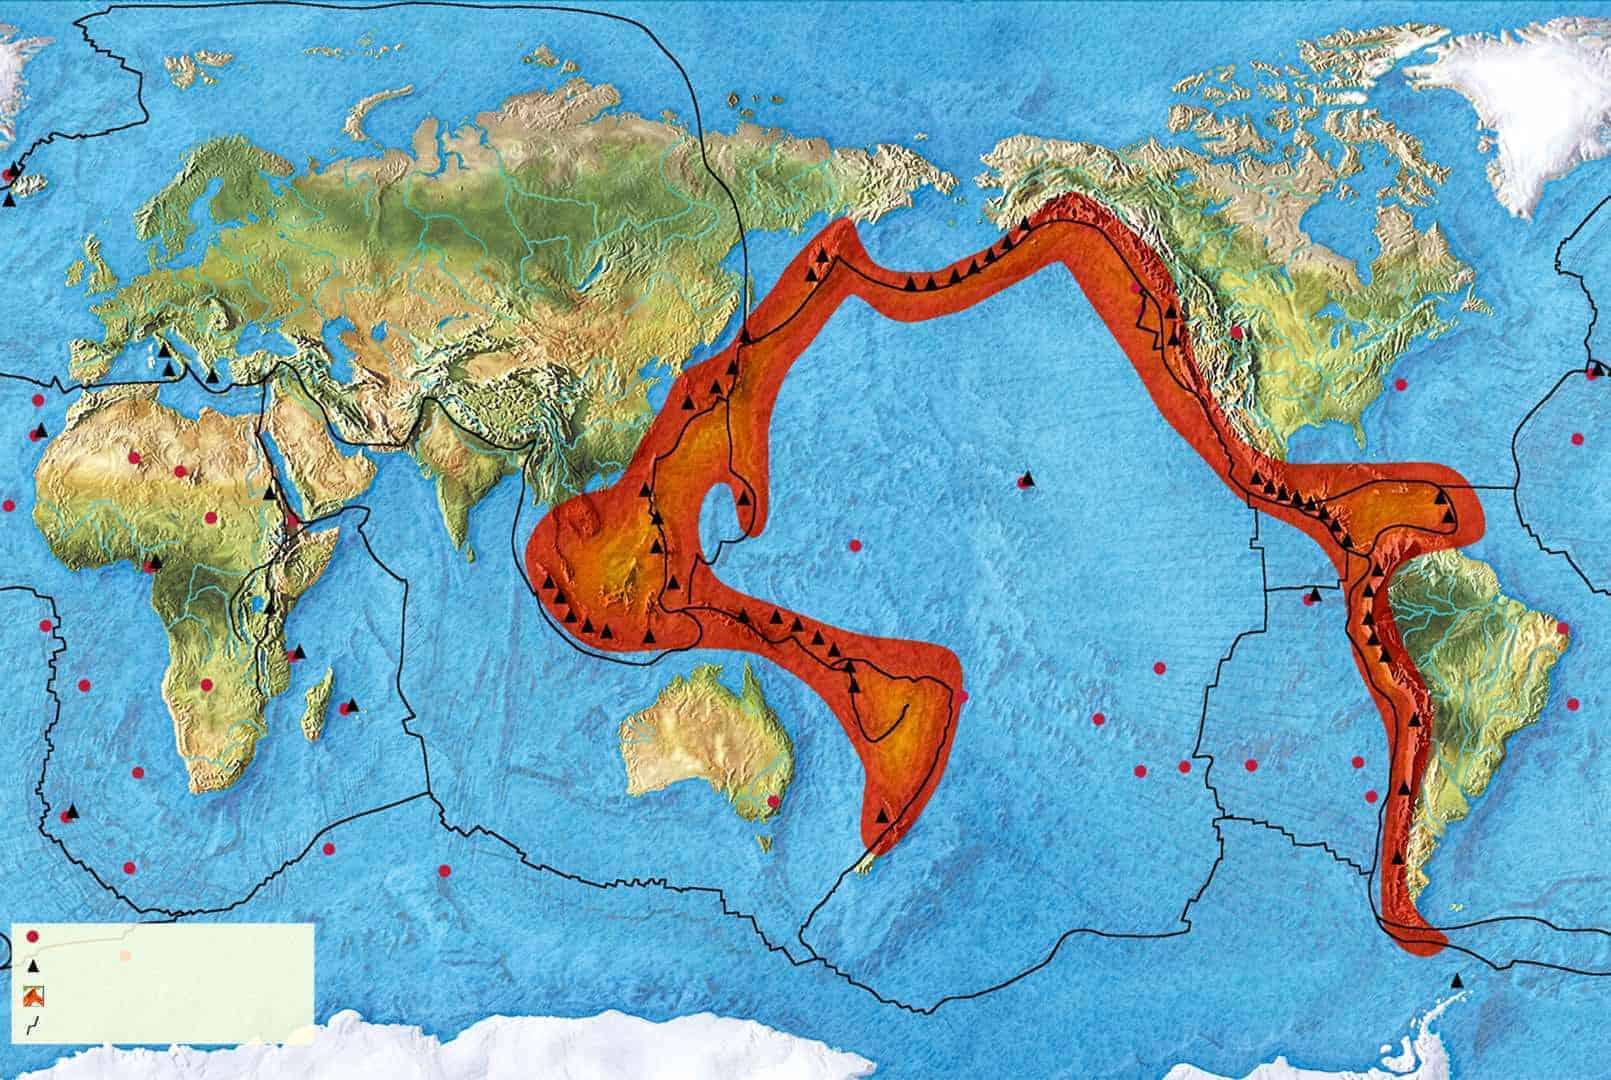 молекулы обонятельного тихоокеанский пояс картинки фотосъемка отличается